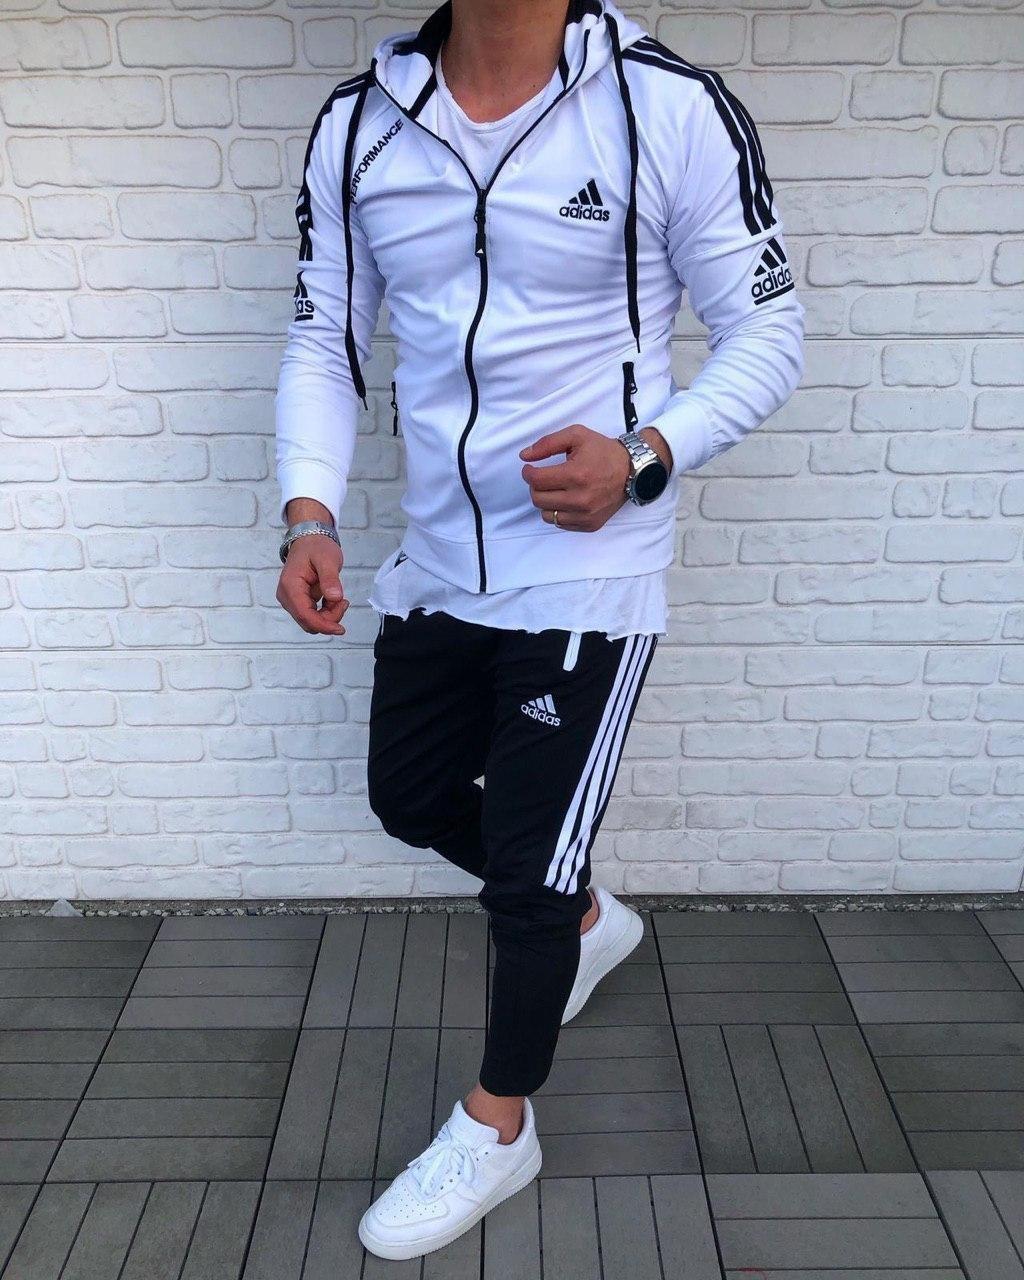 Мужской спортивный костюм Adidas Performance white/black (реплика)